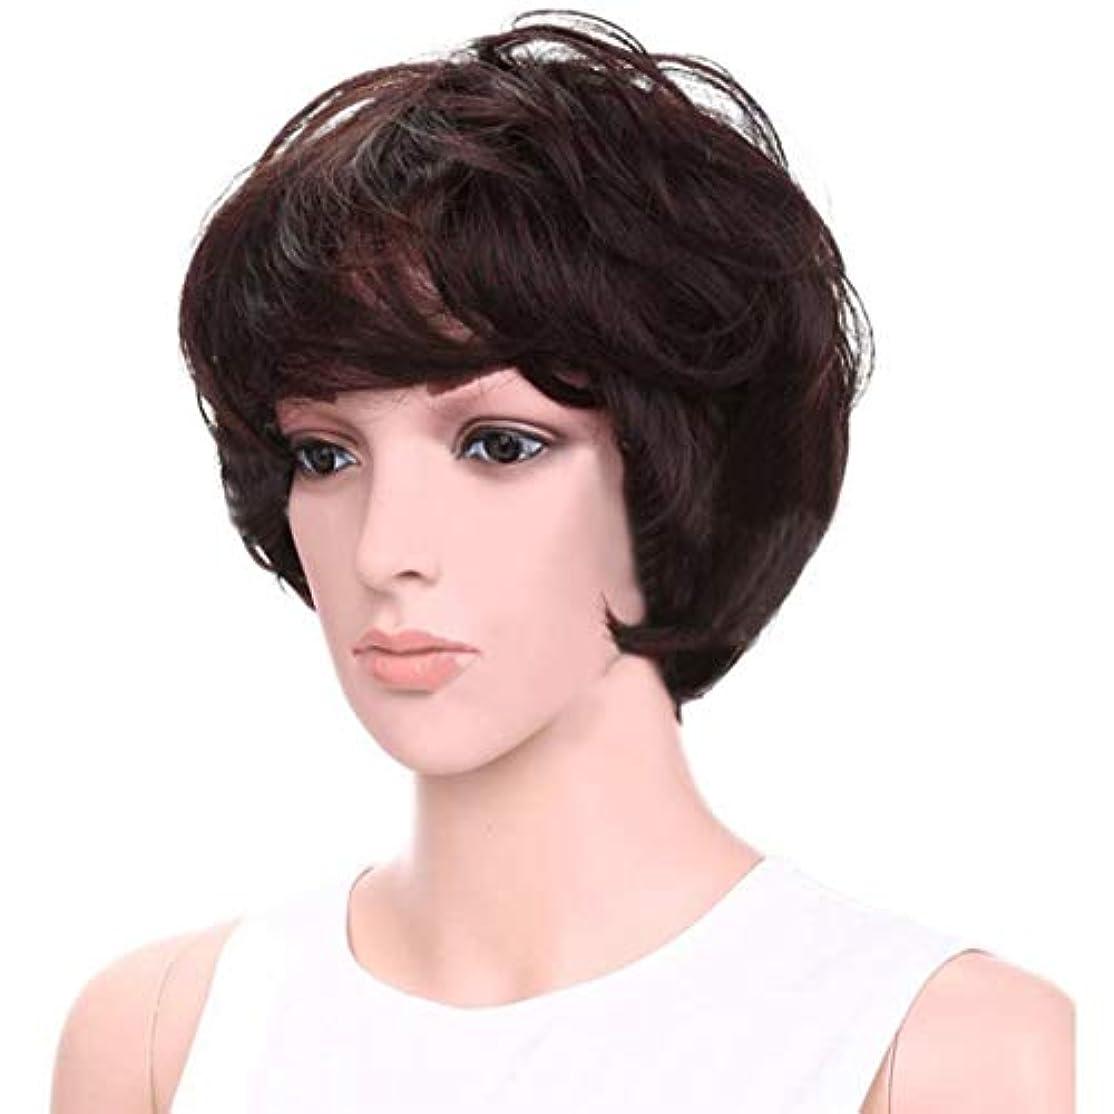 大洪水電報前進YOUQIU エア?フラッツ前髪髪の耐熱ウィッグでパーソナリティかつら女性のショートヘアウィッグふわふわ8インチ(ダークブラウン)かつら (色 : Dark brown)